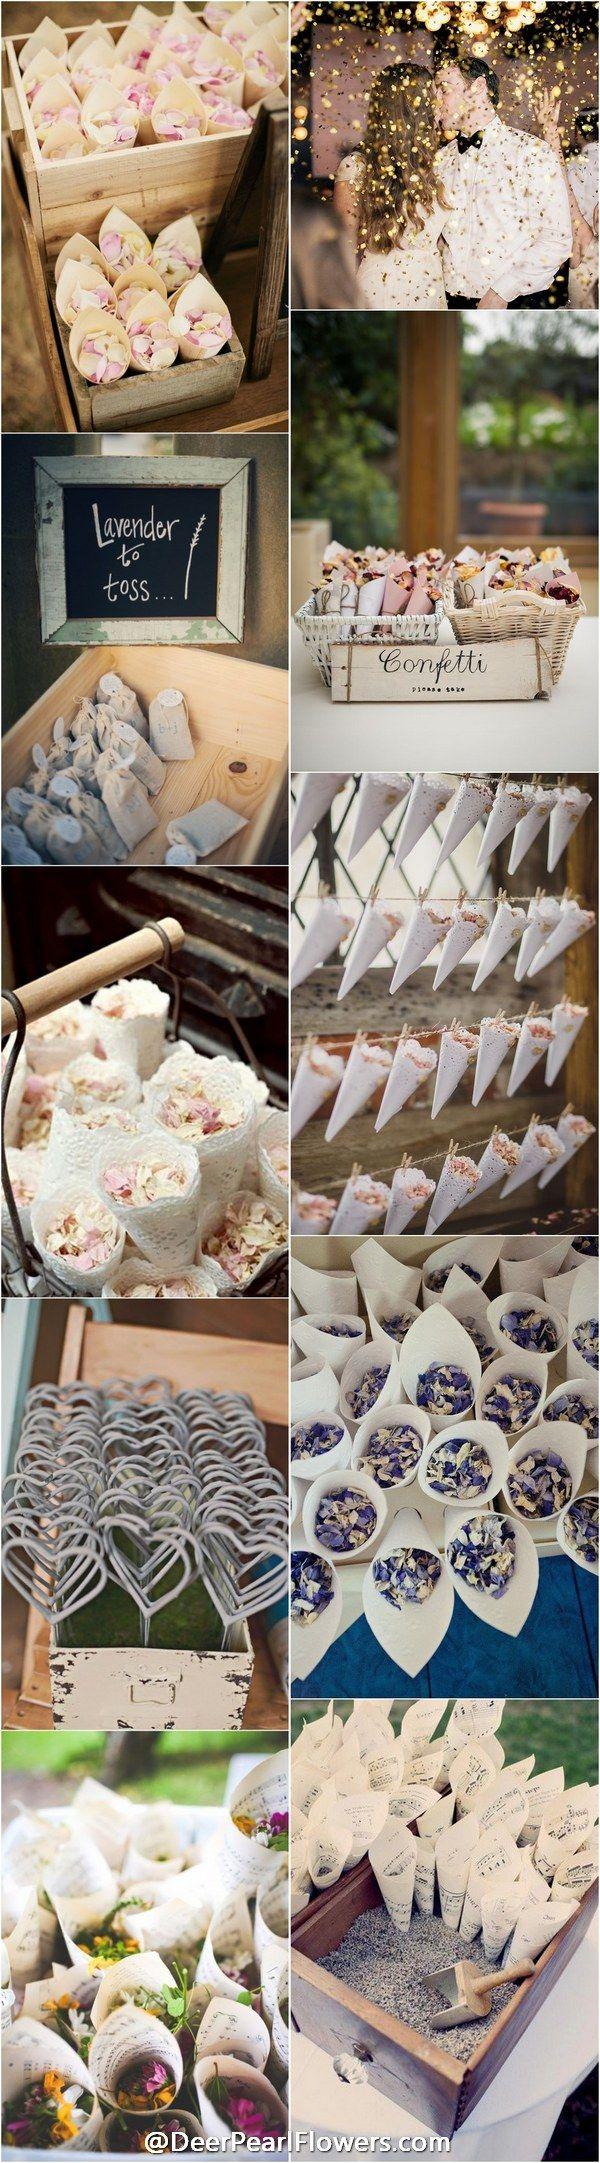 wedding send off wedding send off ideas 25 Fun Creative Wedding Exit Send Off Ideas